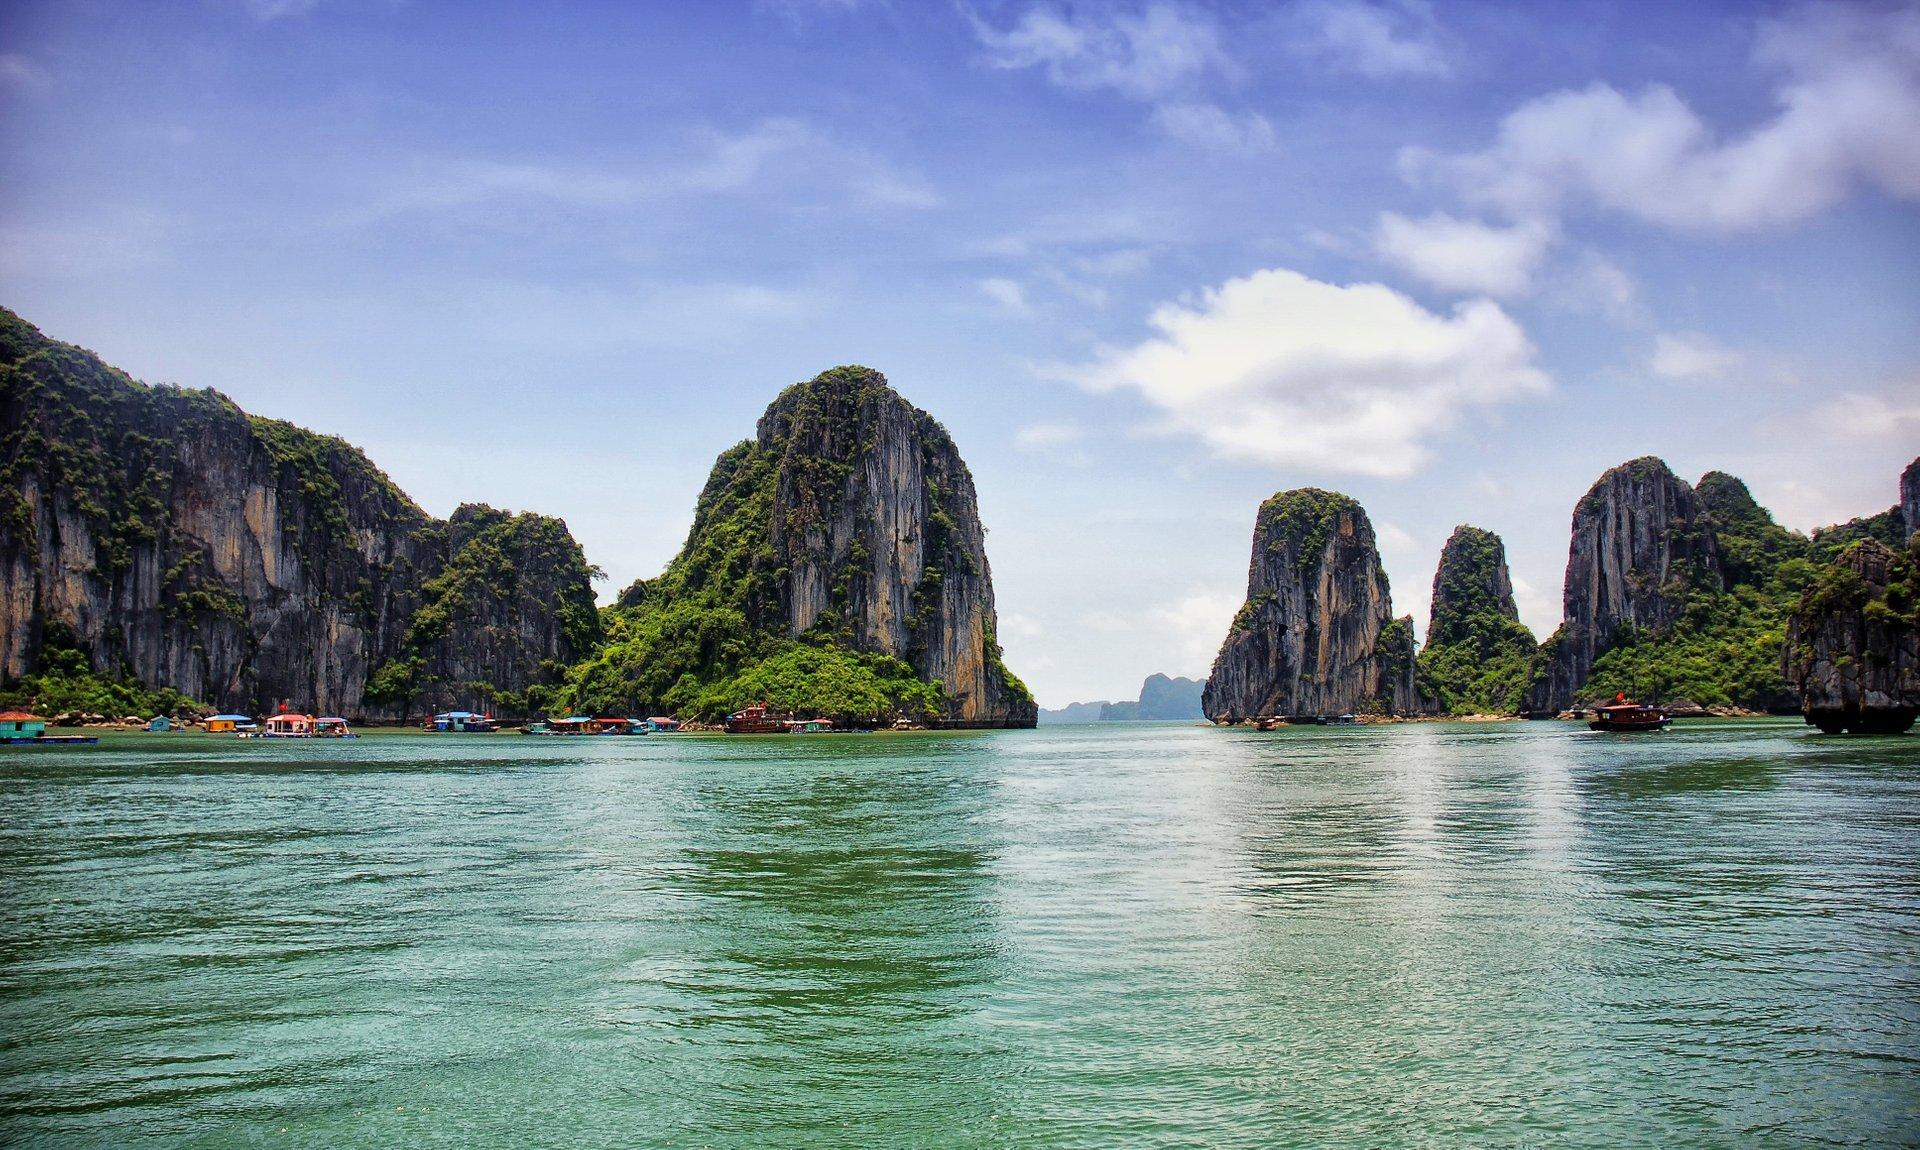 Ha Long Bay in Vietnam 2020 - Best Time